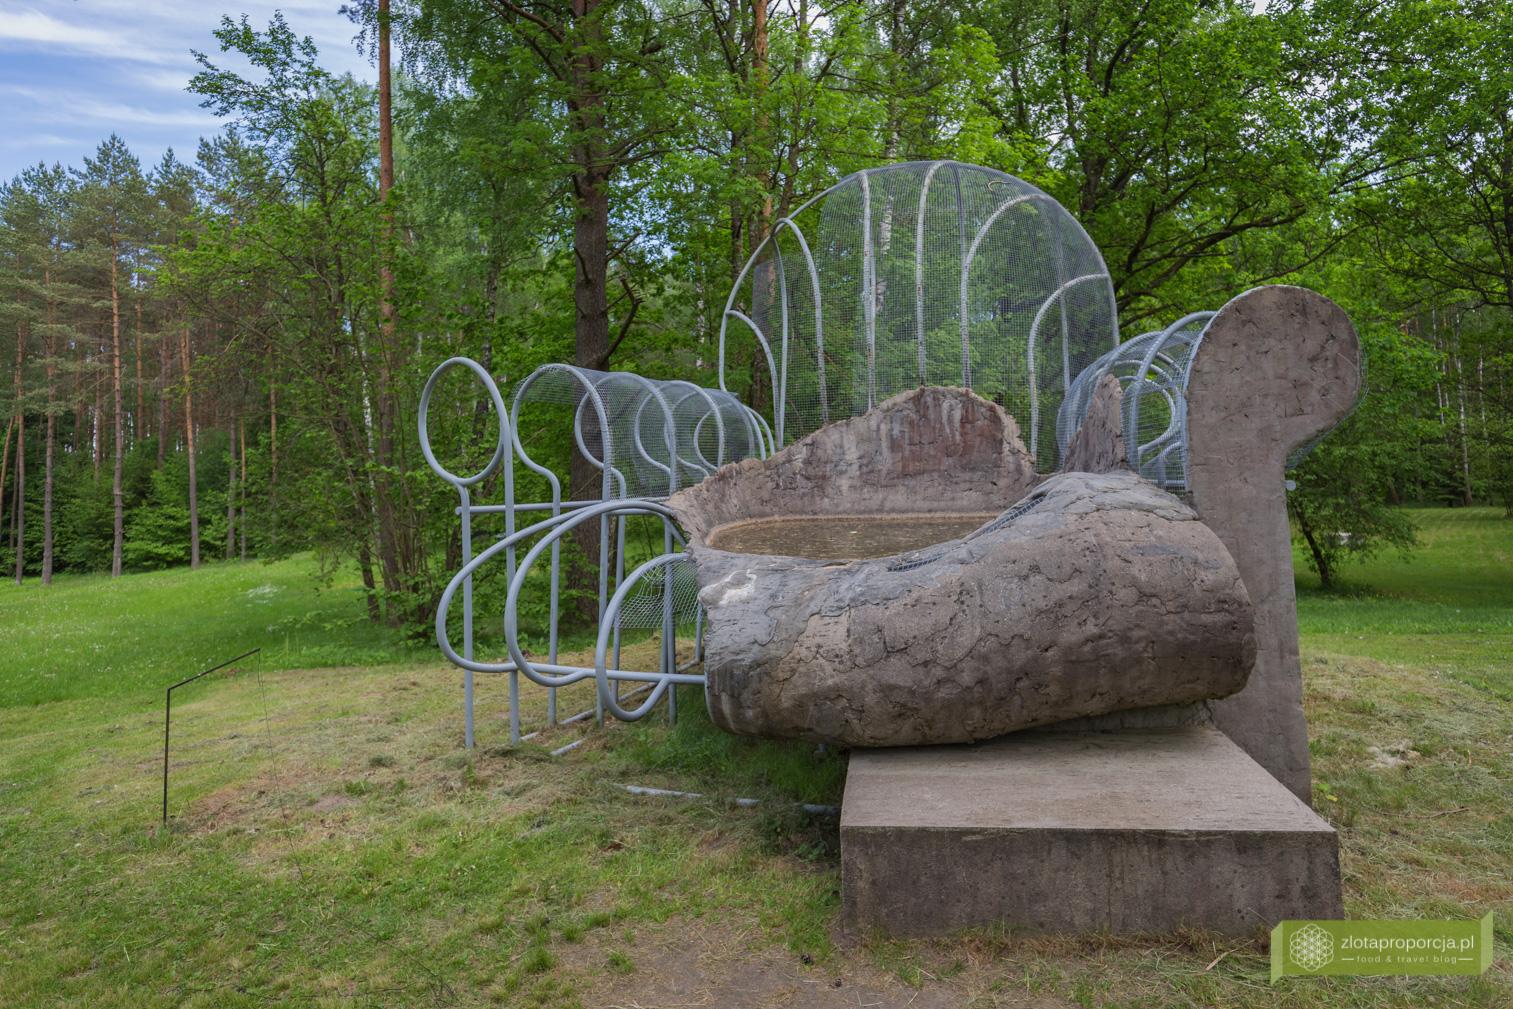 Park Europy, Wilno, okolice Wilna, Litwa, atrakcje Litwy, rzeźby, Krzesło-basen, Dennis Oppenheim